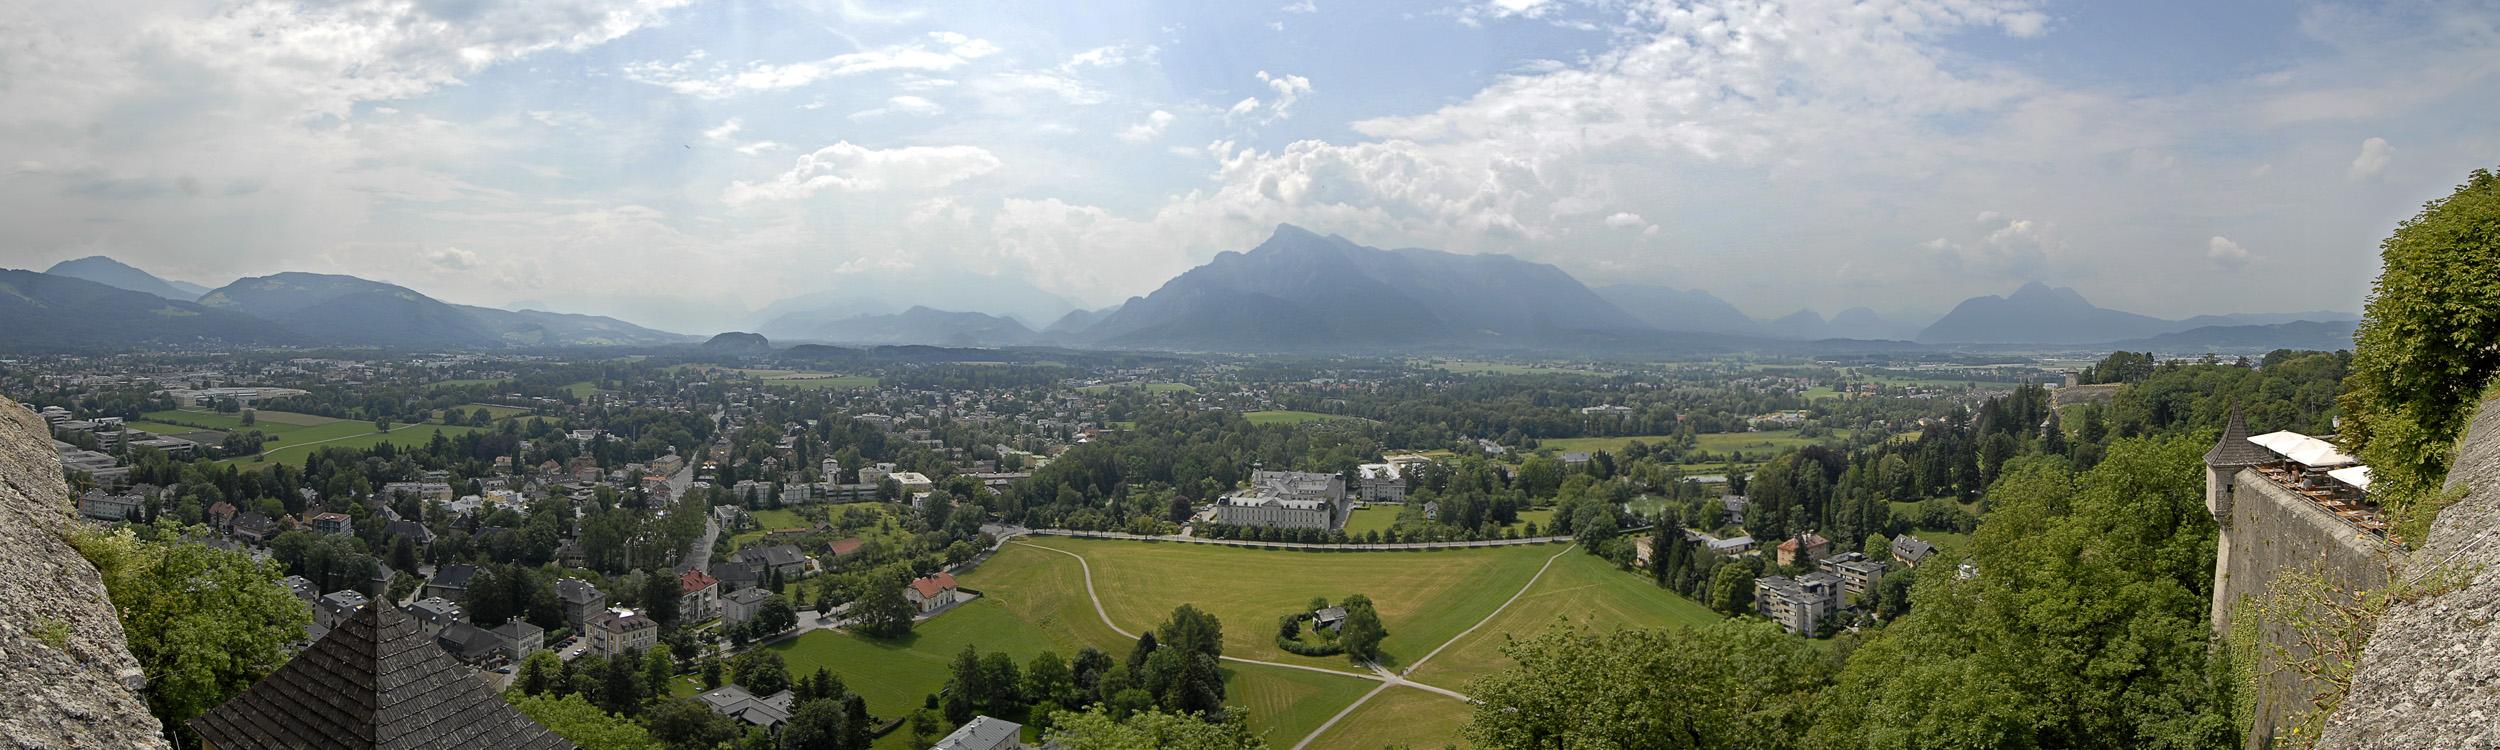 Salzburg View